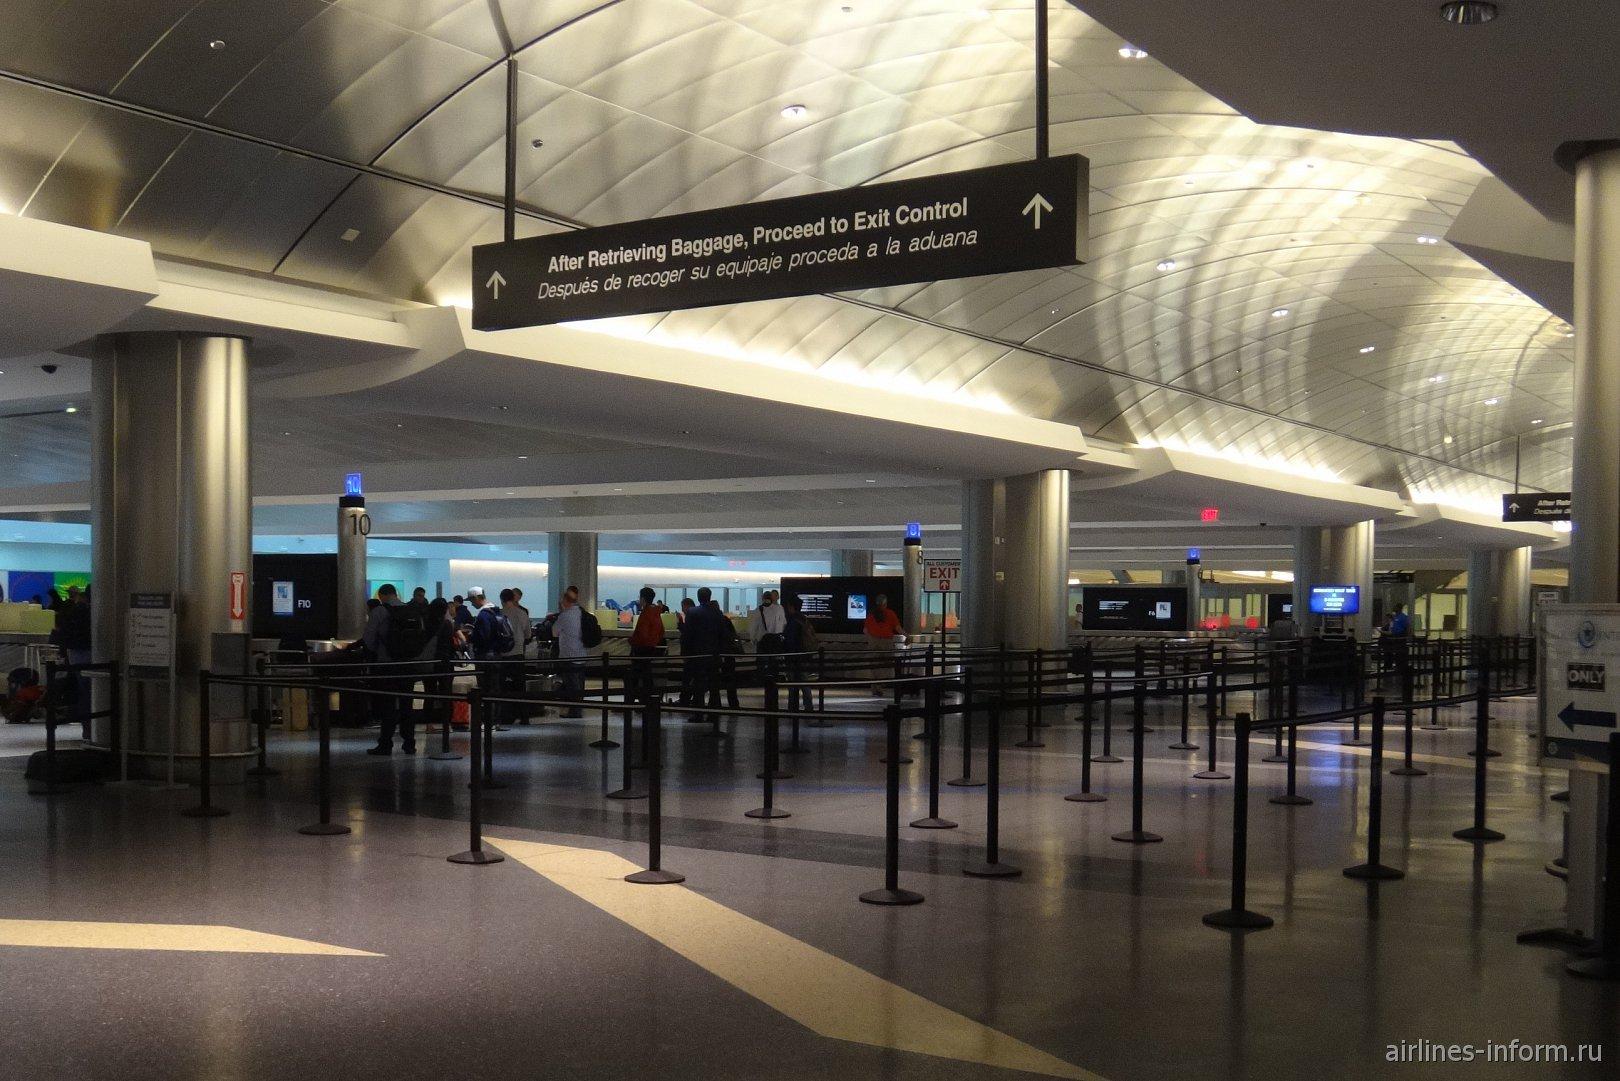 Зал выдачи багажа в аэропорту Хьюстон